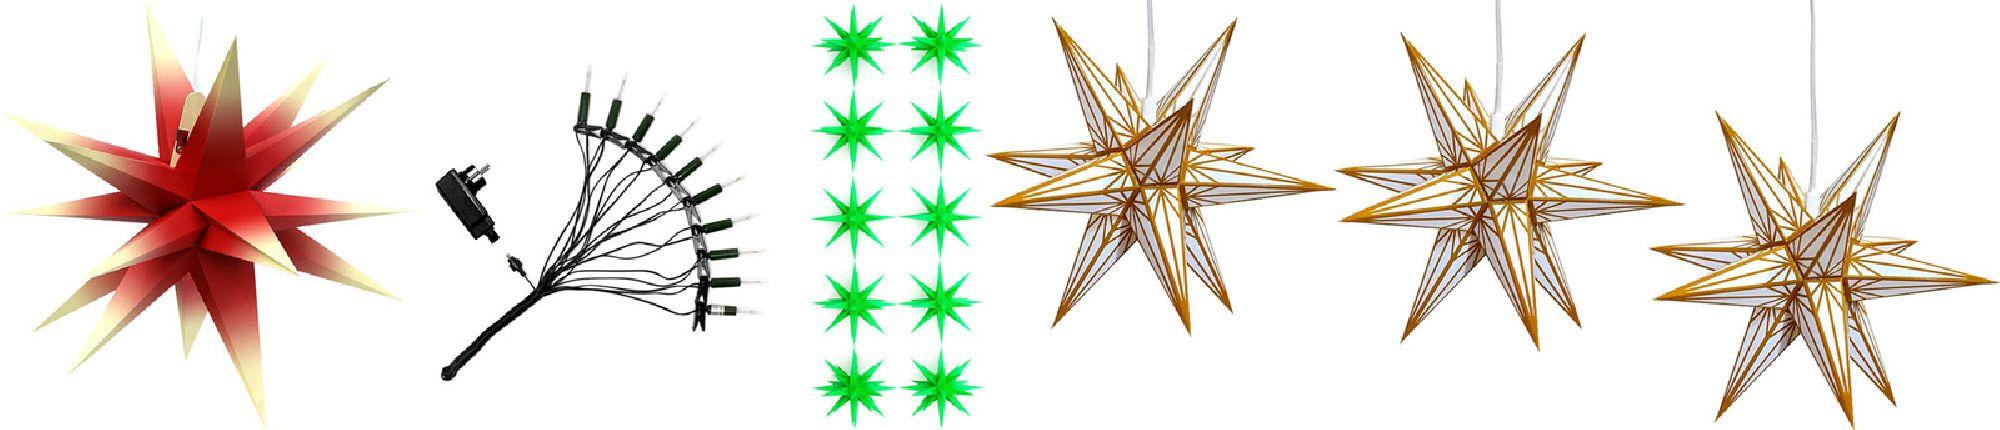 Weihnachtssterne und Sternenkette